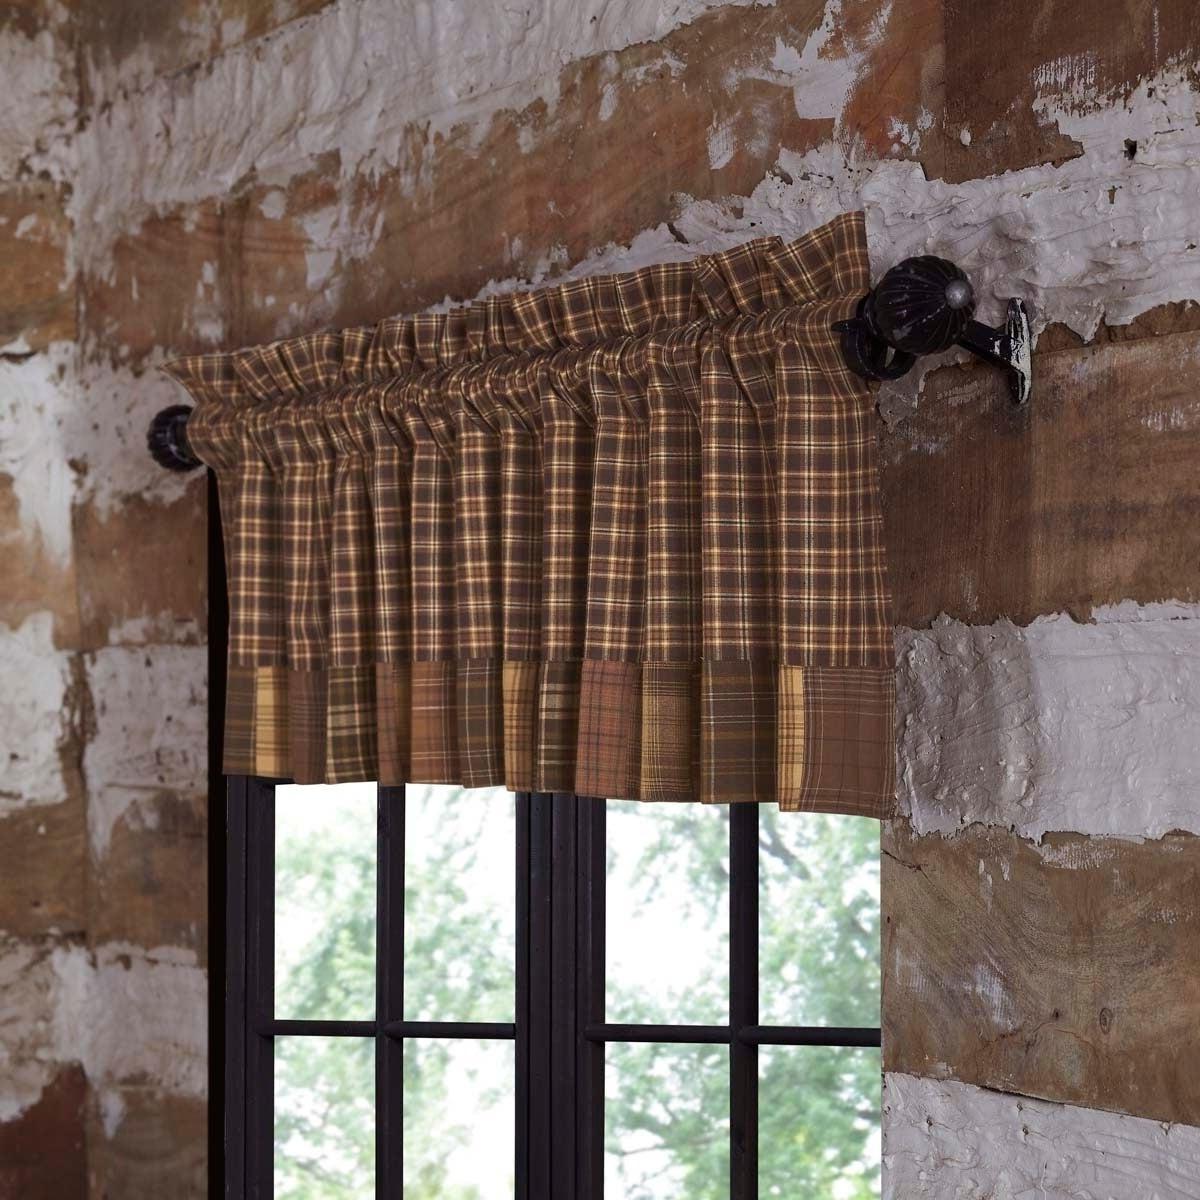 Famous Brown Rustic Kitchen Curtains Vhc Prescott Valance Rod Pocket Cotton Plaid  Patchwork – Valance 16X72 For Rustic Kitchen Curtains (Gallery 9 of 20)